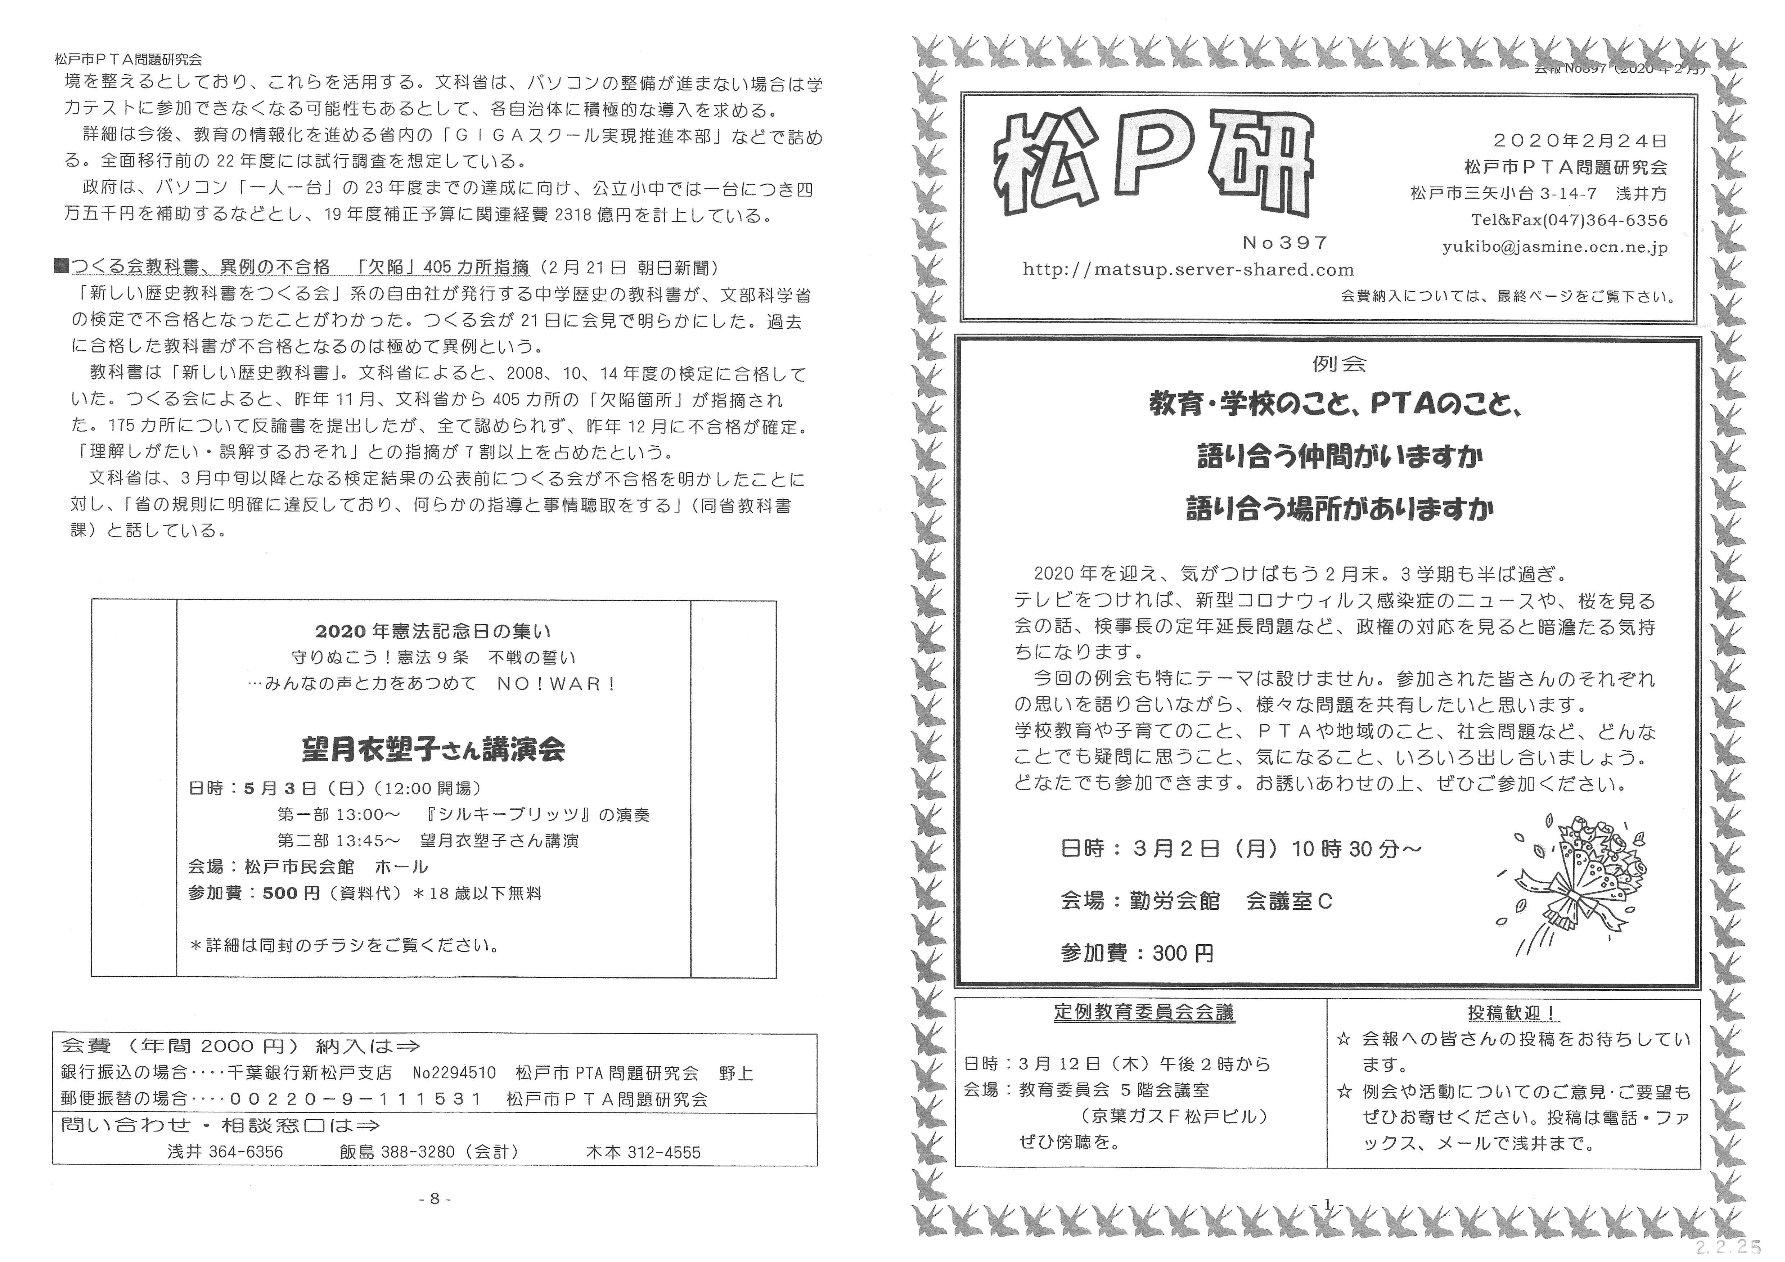 松P研 No397